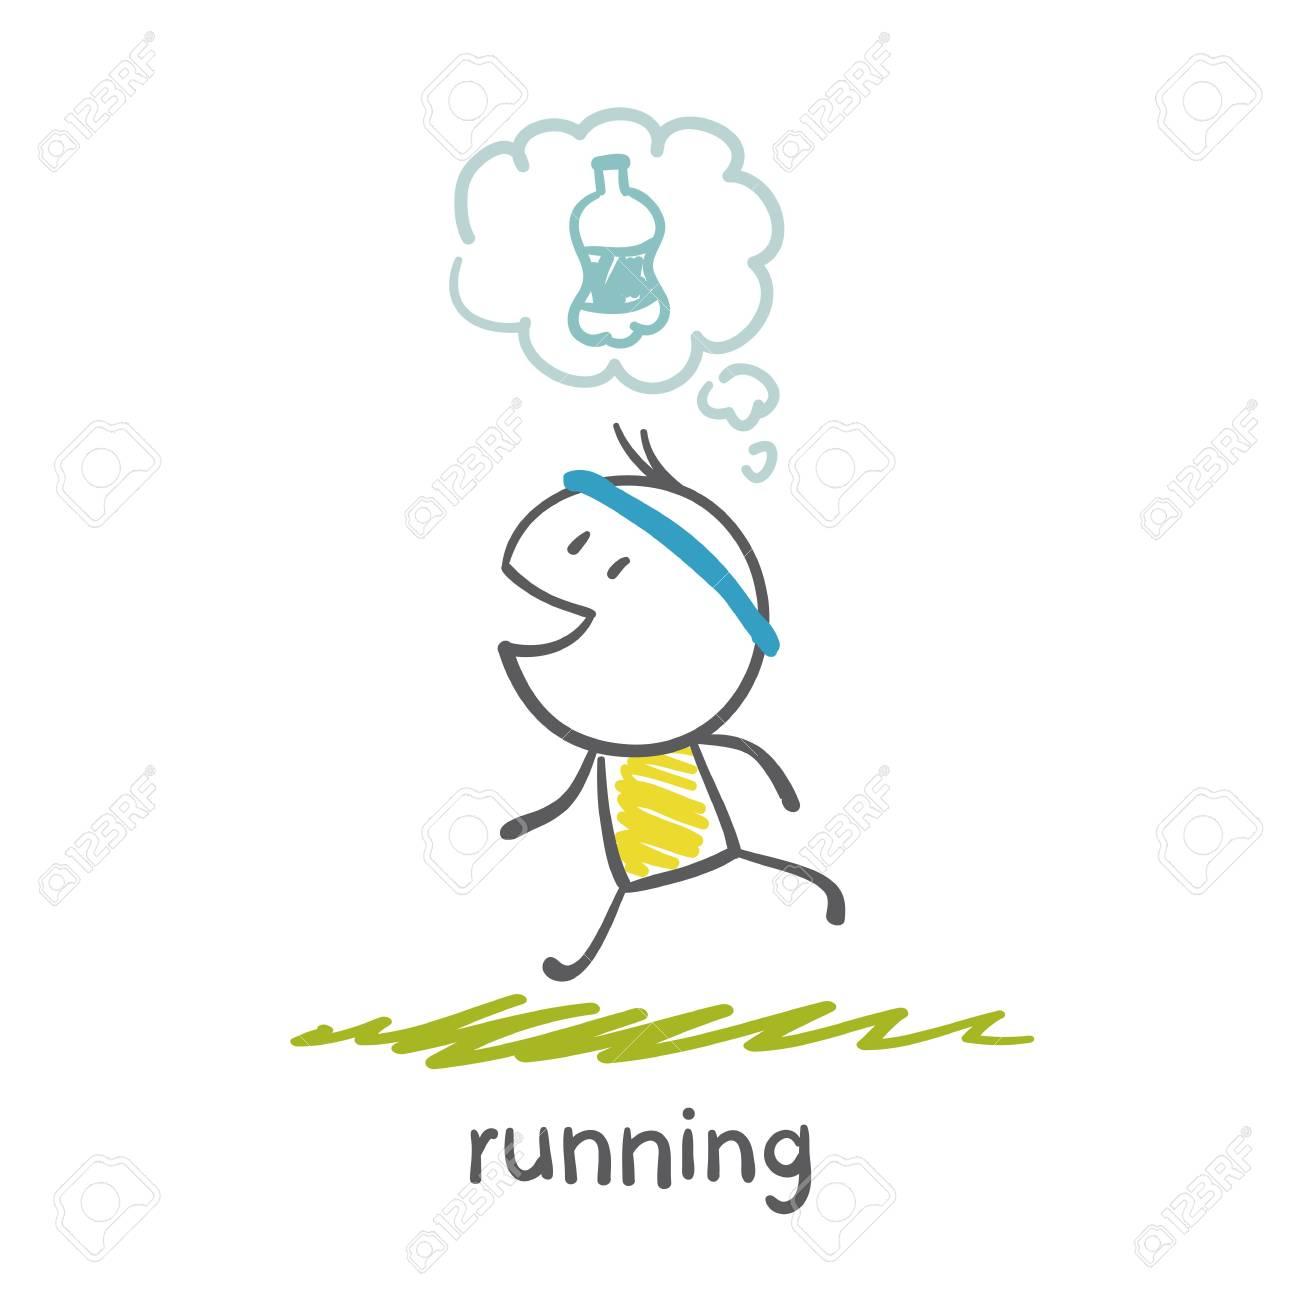 イラストを走っている人のイラスト素材ベクタ Image 36068071